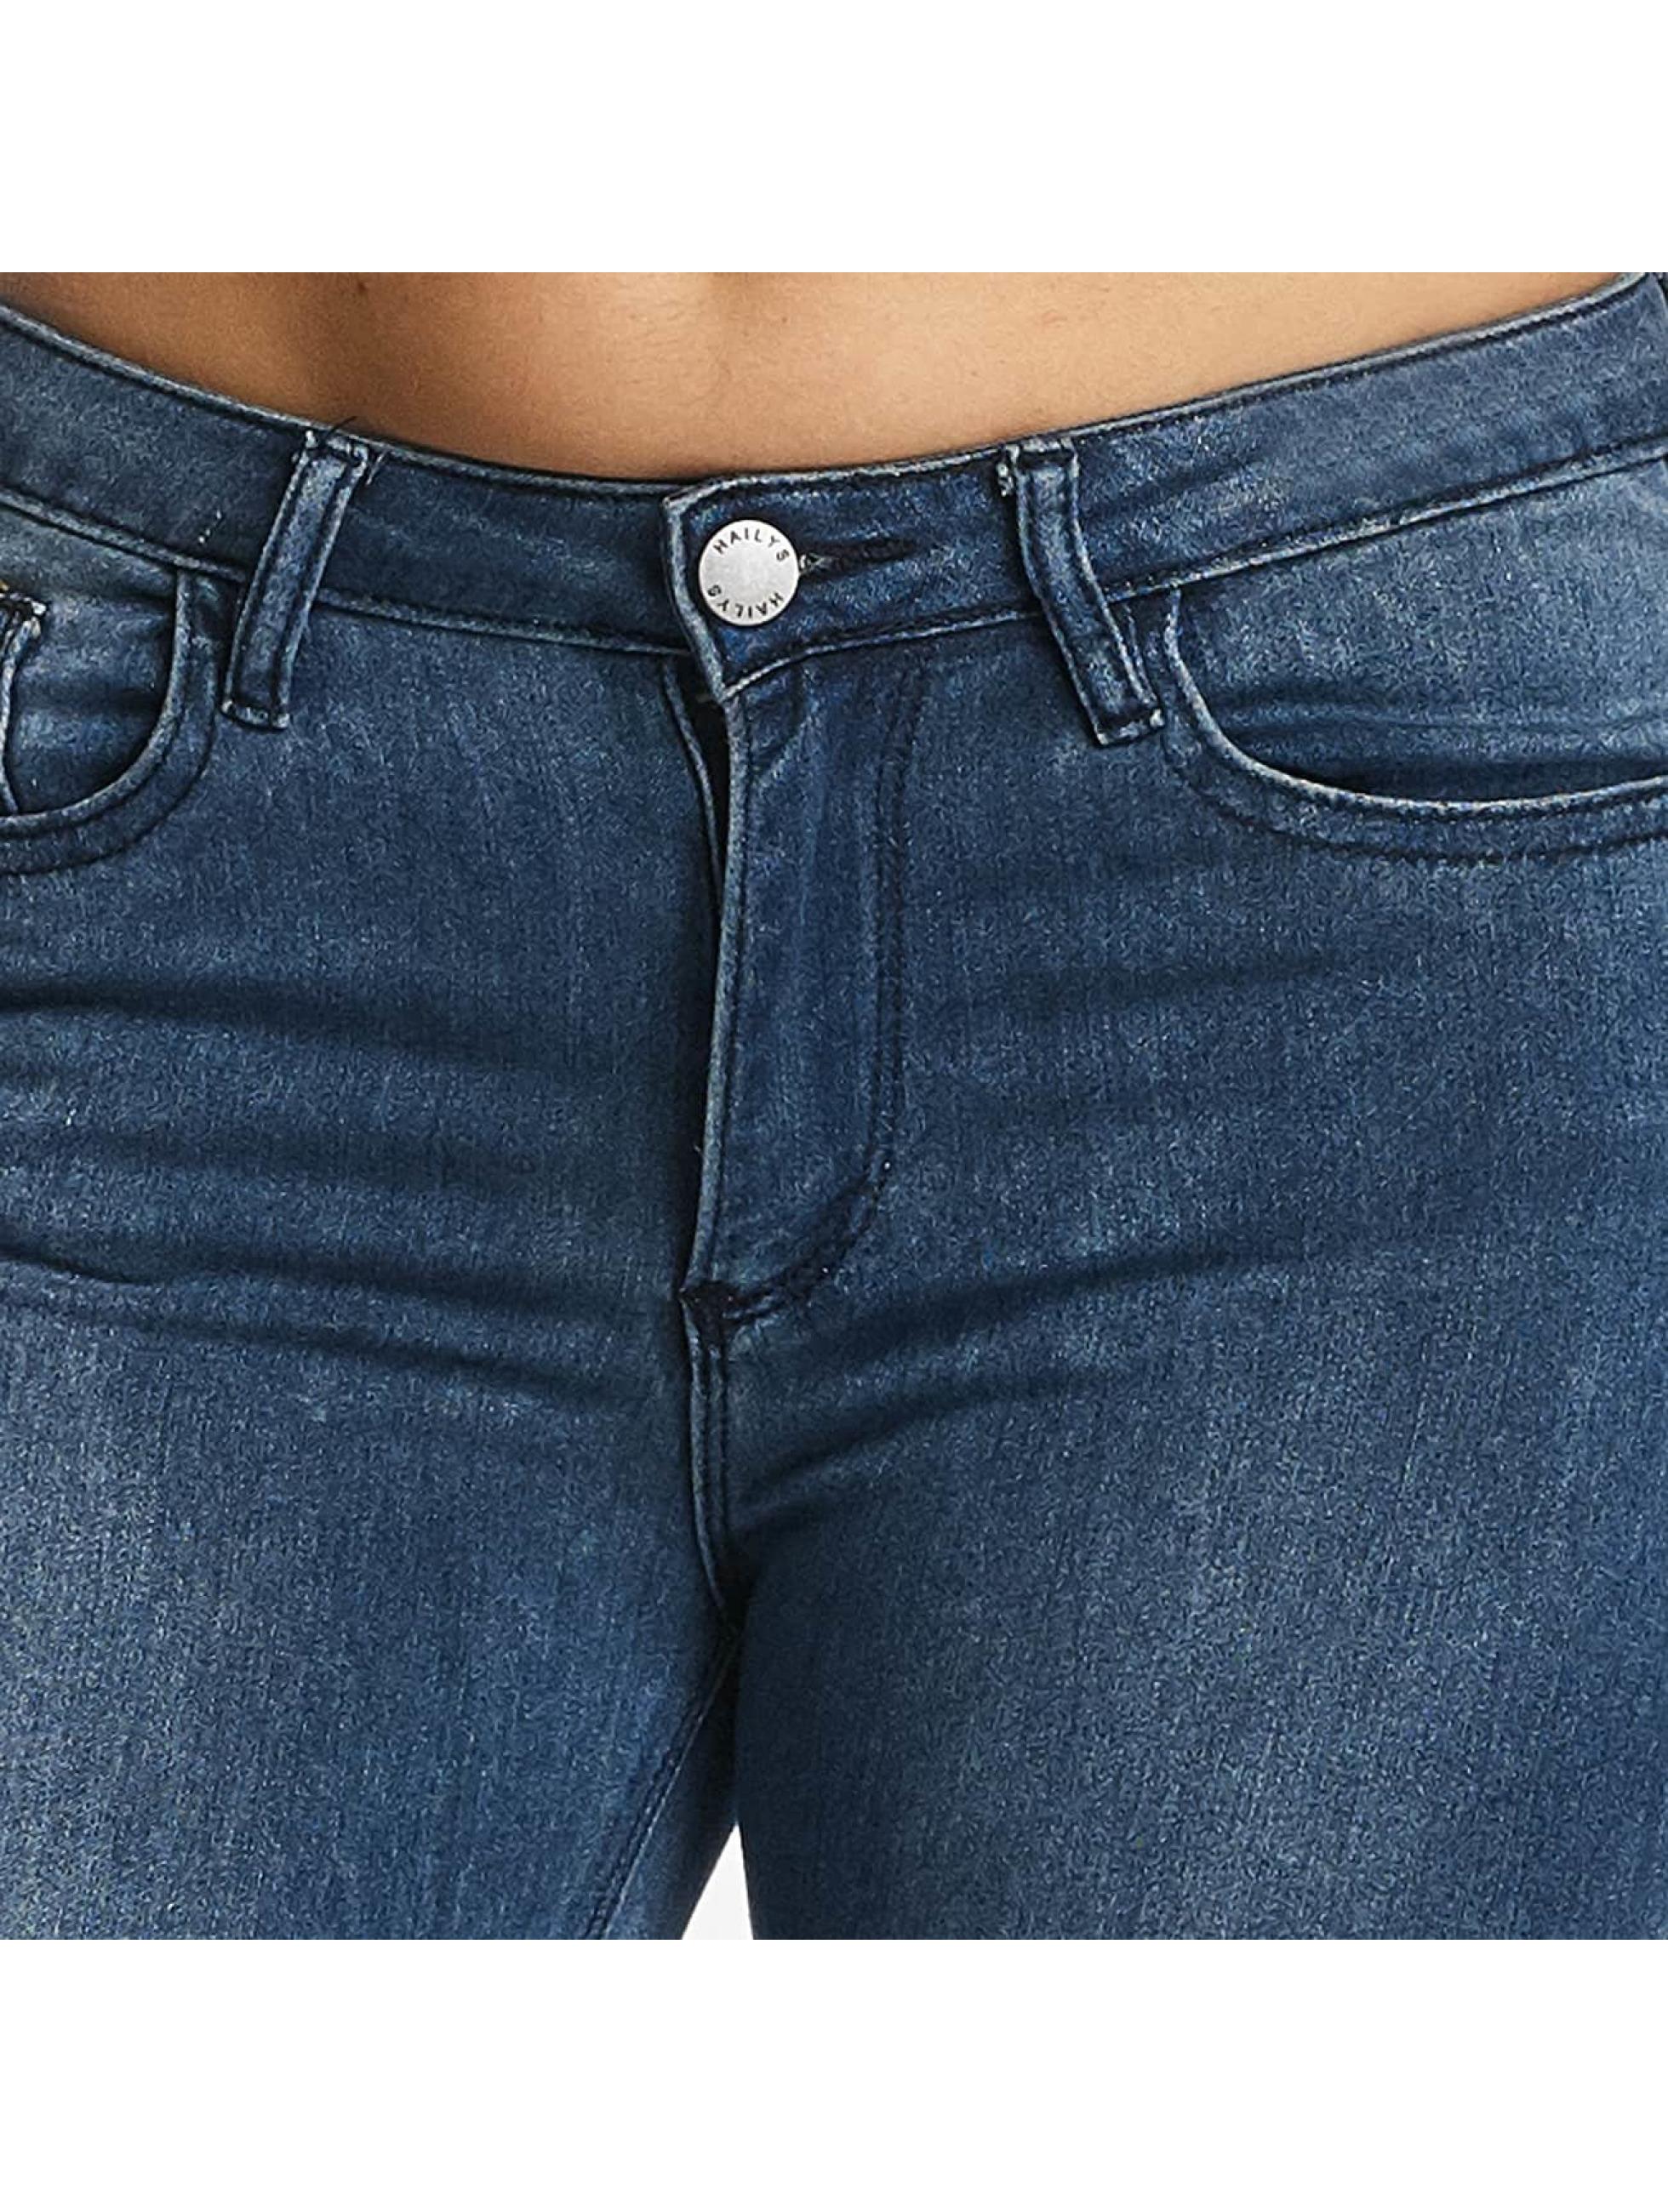 Hailys Облегающие джинсы Chiara синий